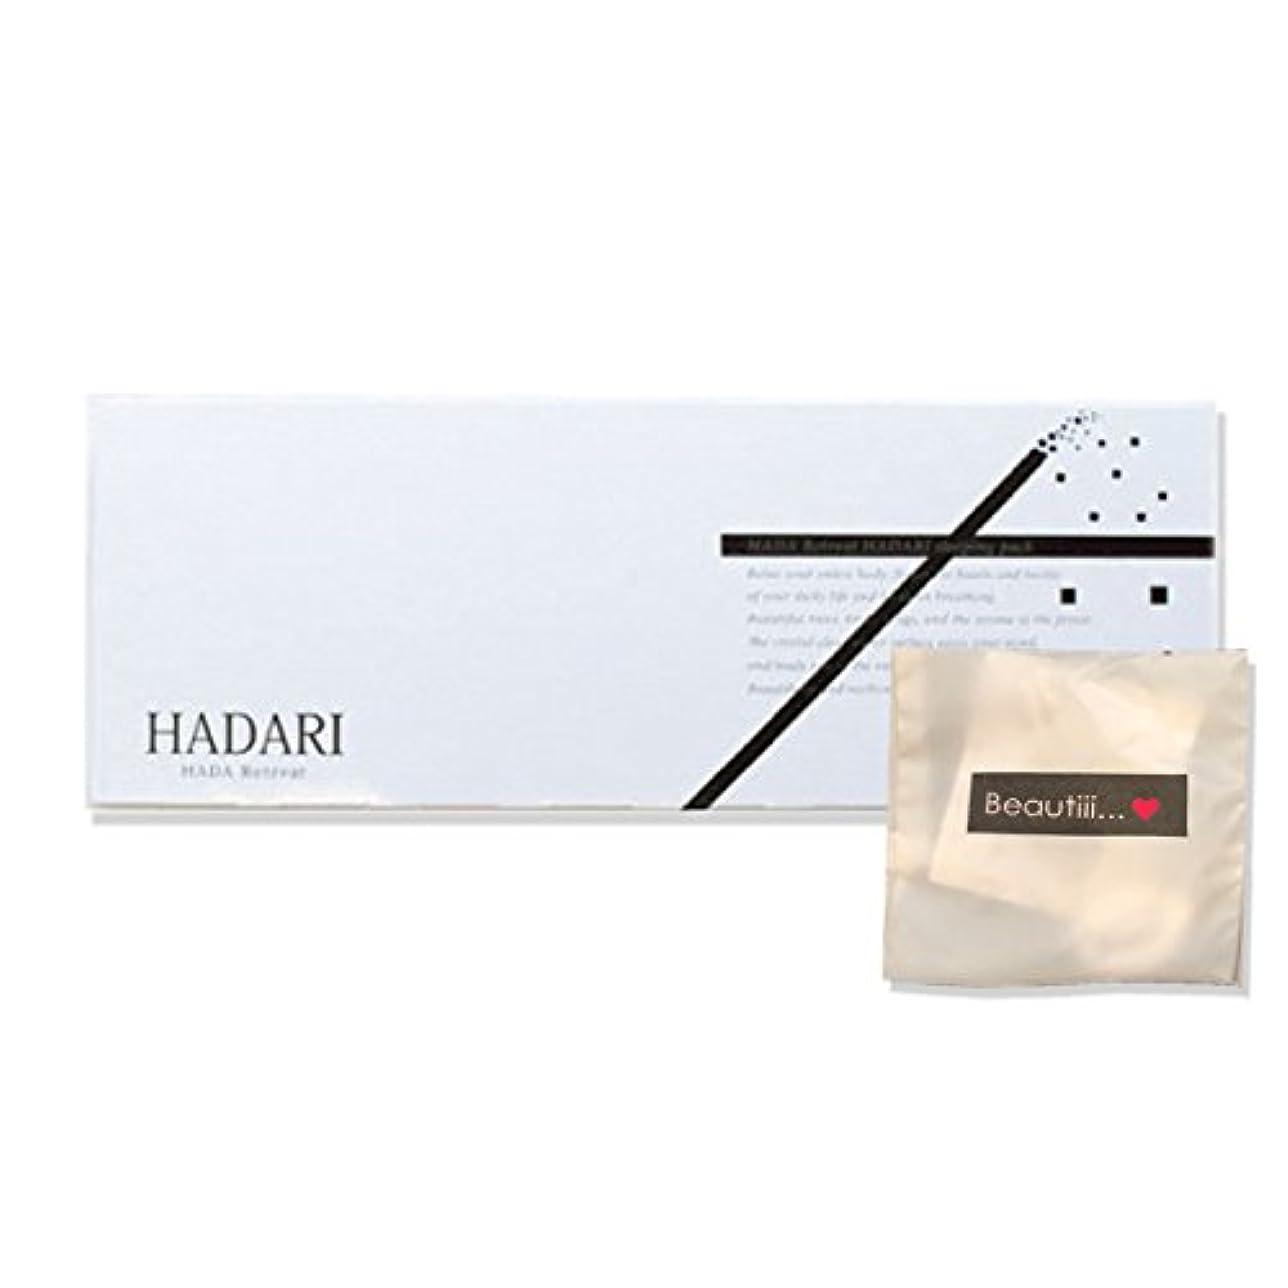 敵対的助言する拒絶HADARI はだり 高級オールインワンパッククリーム 1箱 SNSで話題 大人気!!